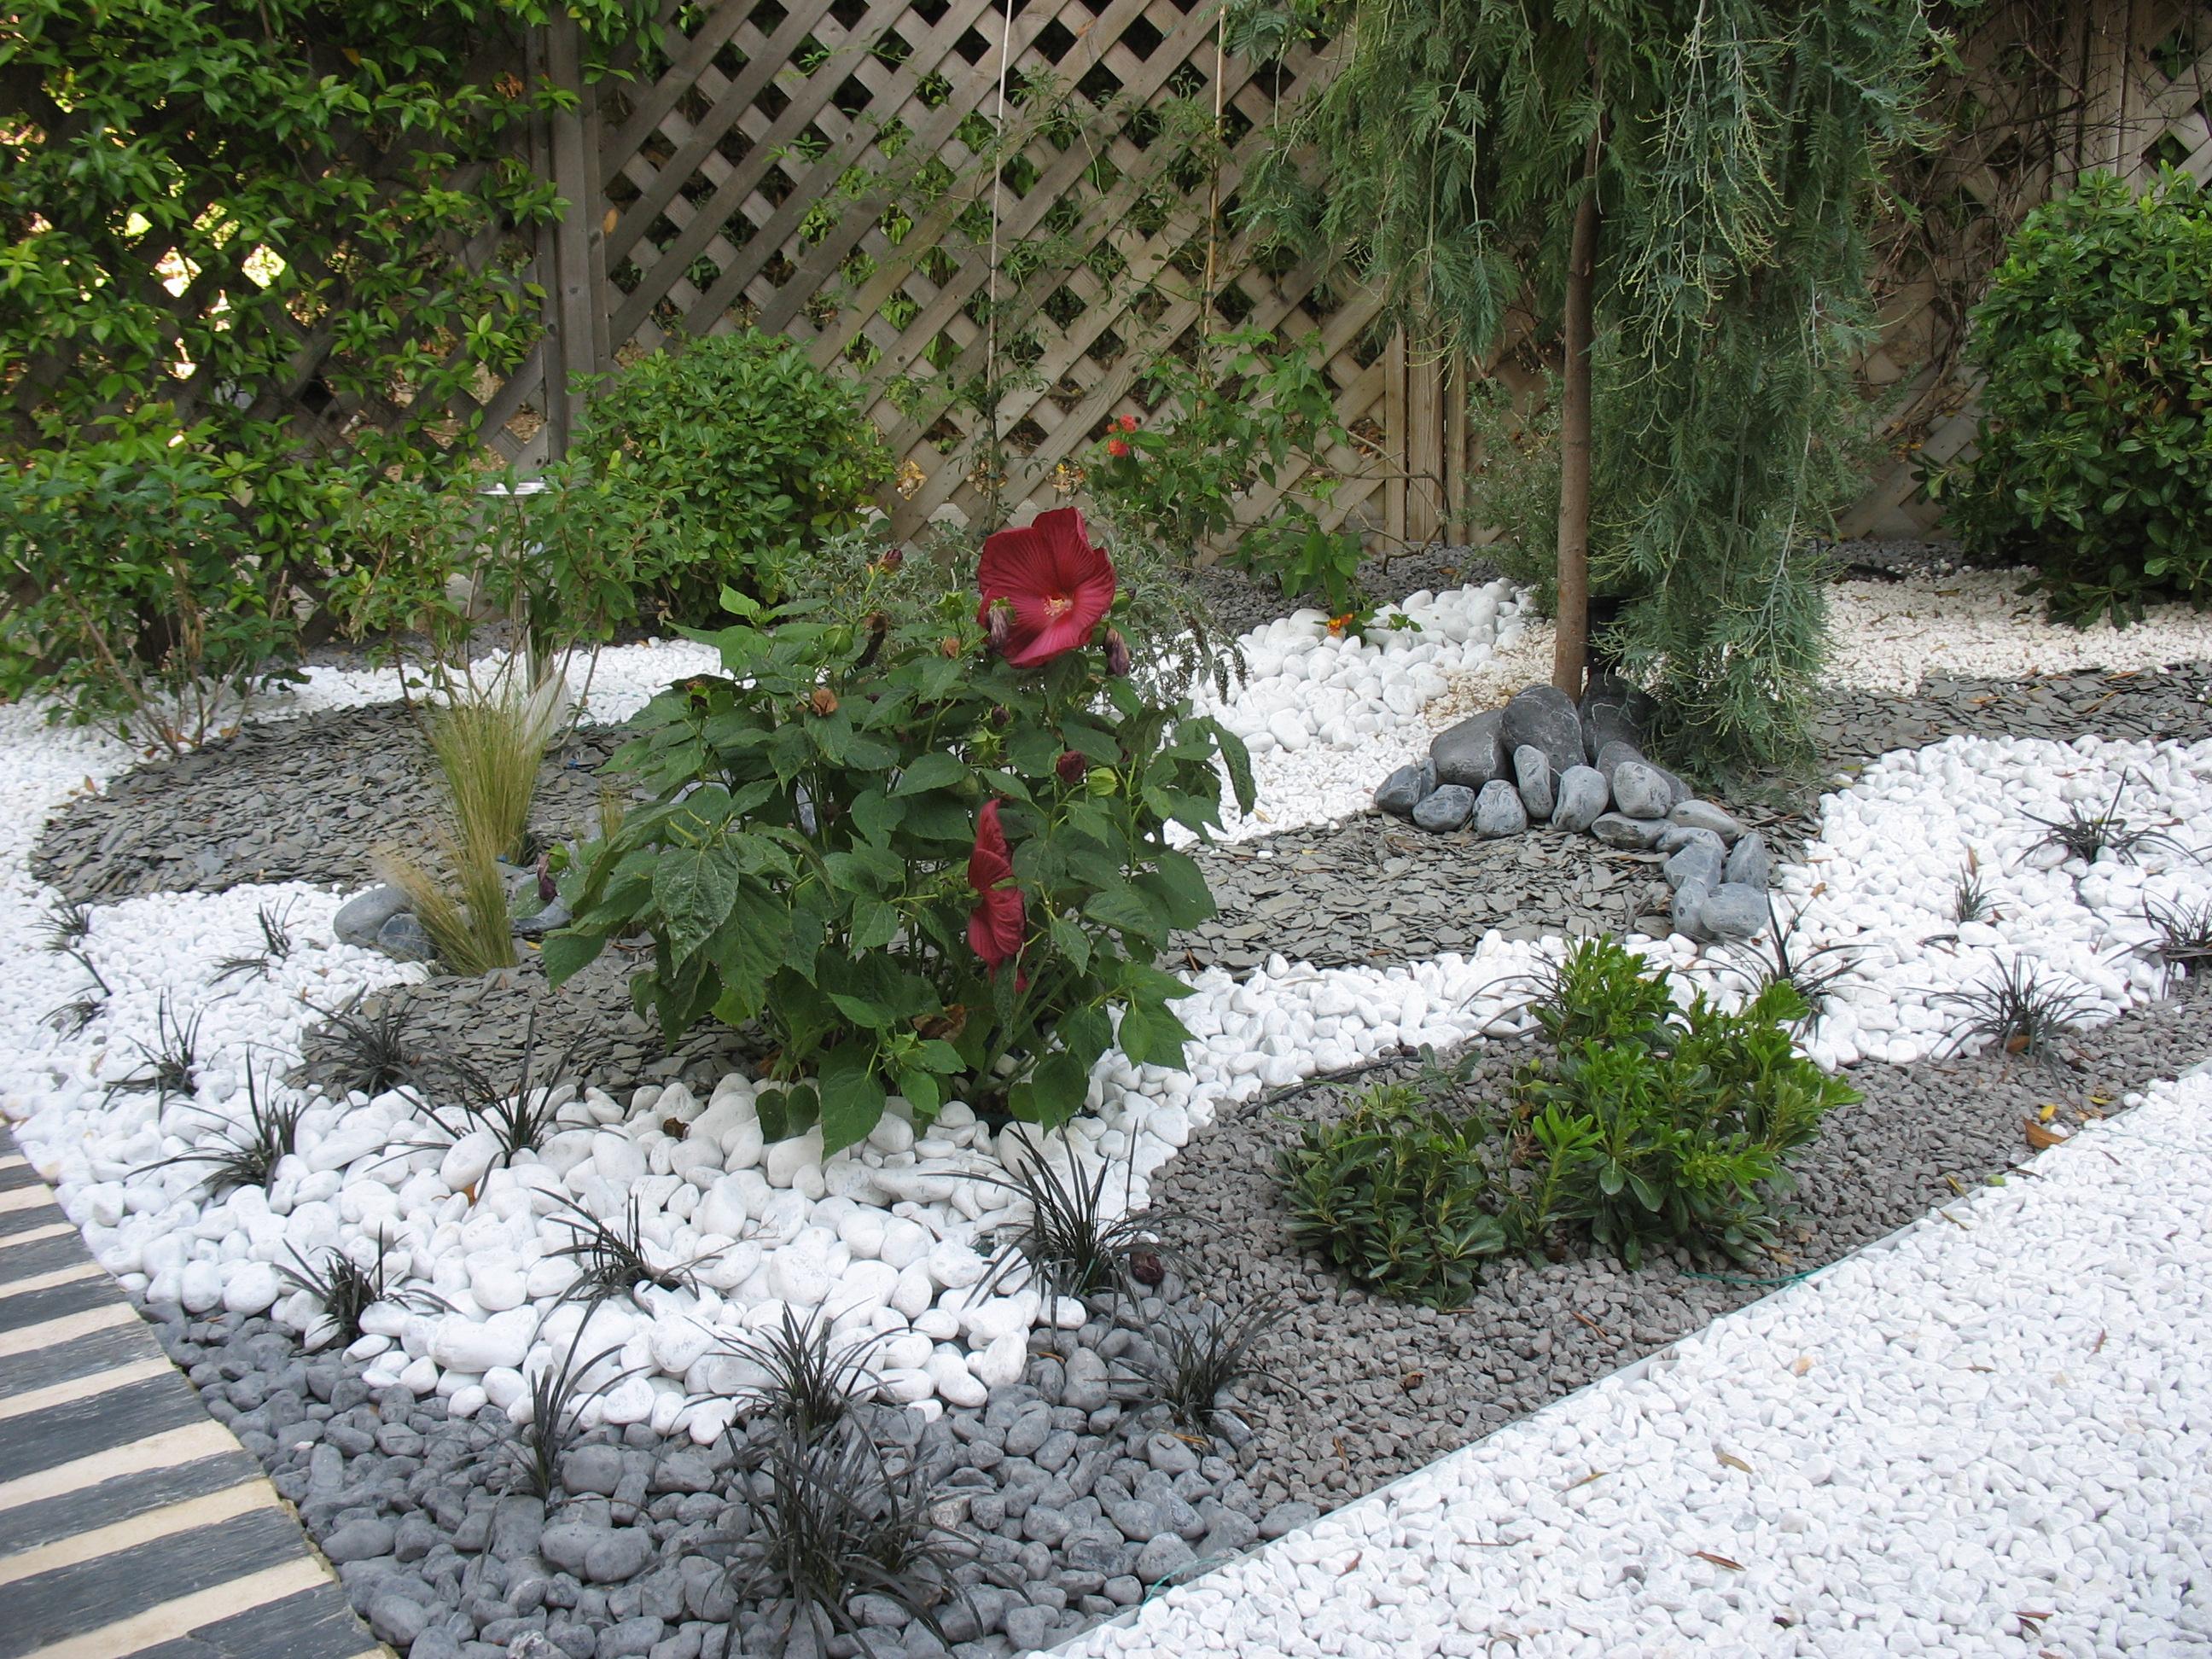 meilleur de creer un jardin id es de salon de jardin. Black Bedroom Furniture Sets. Home Design Ideas